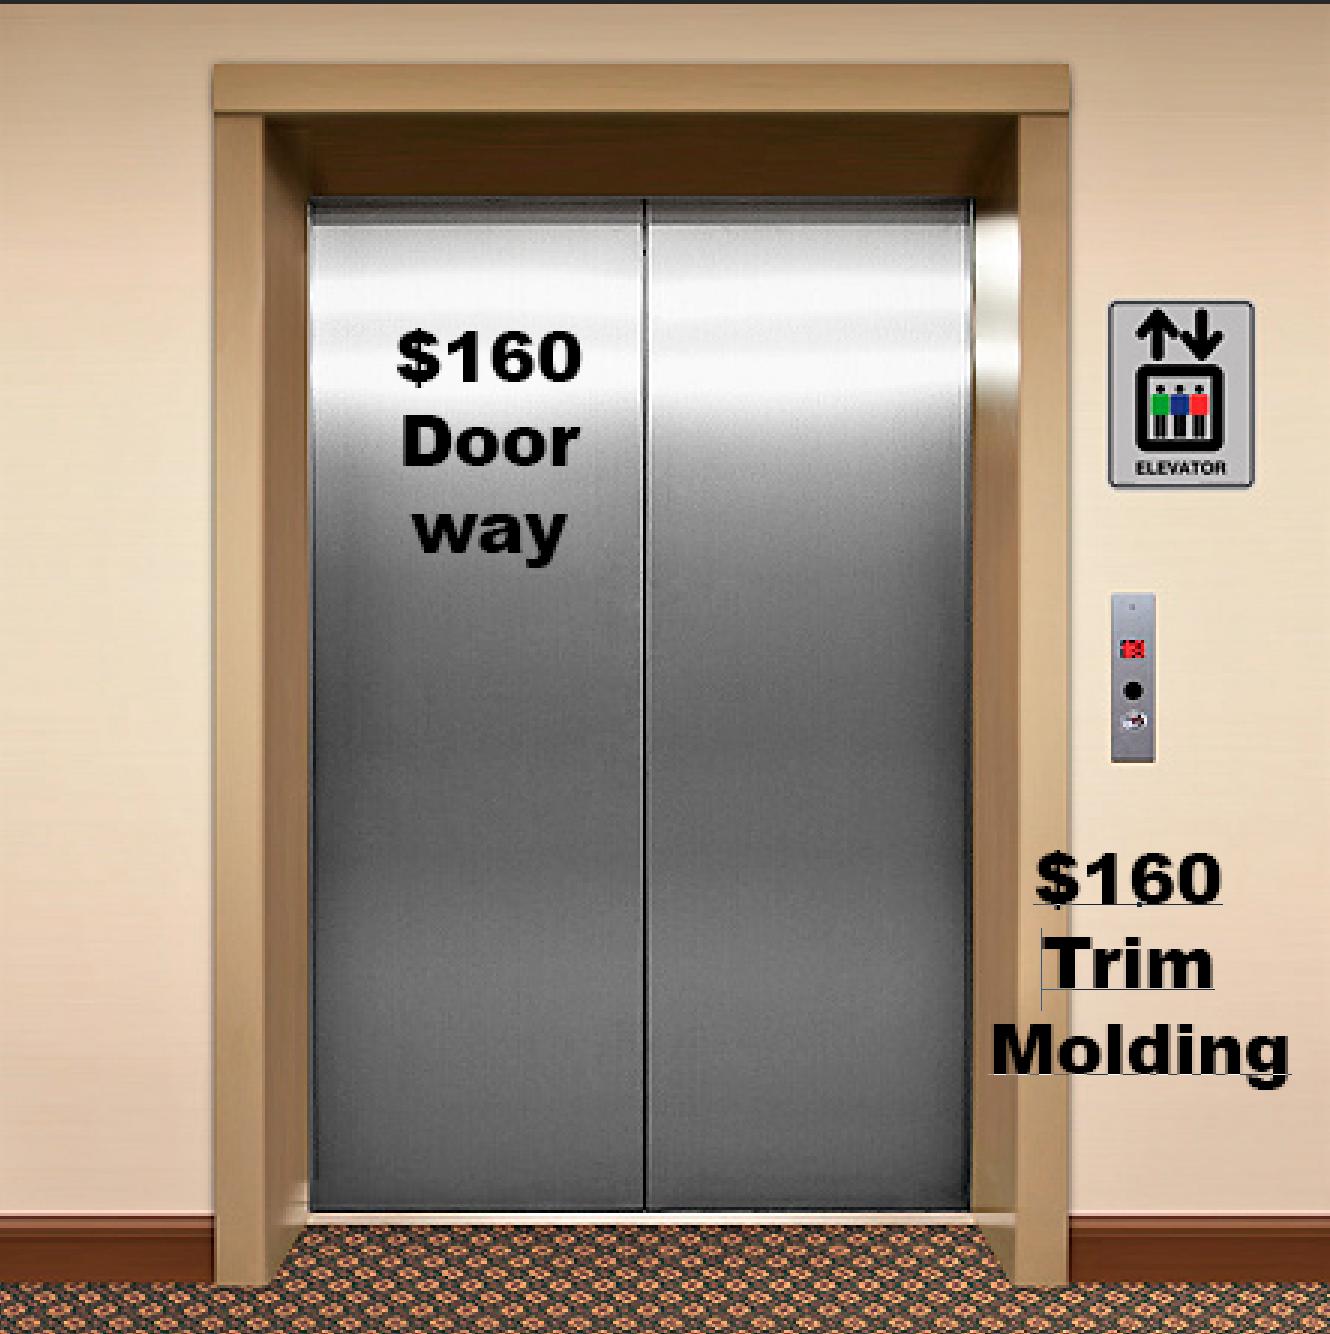 Elevator wraps